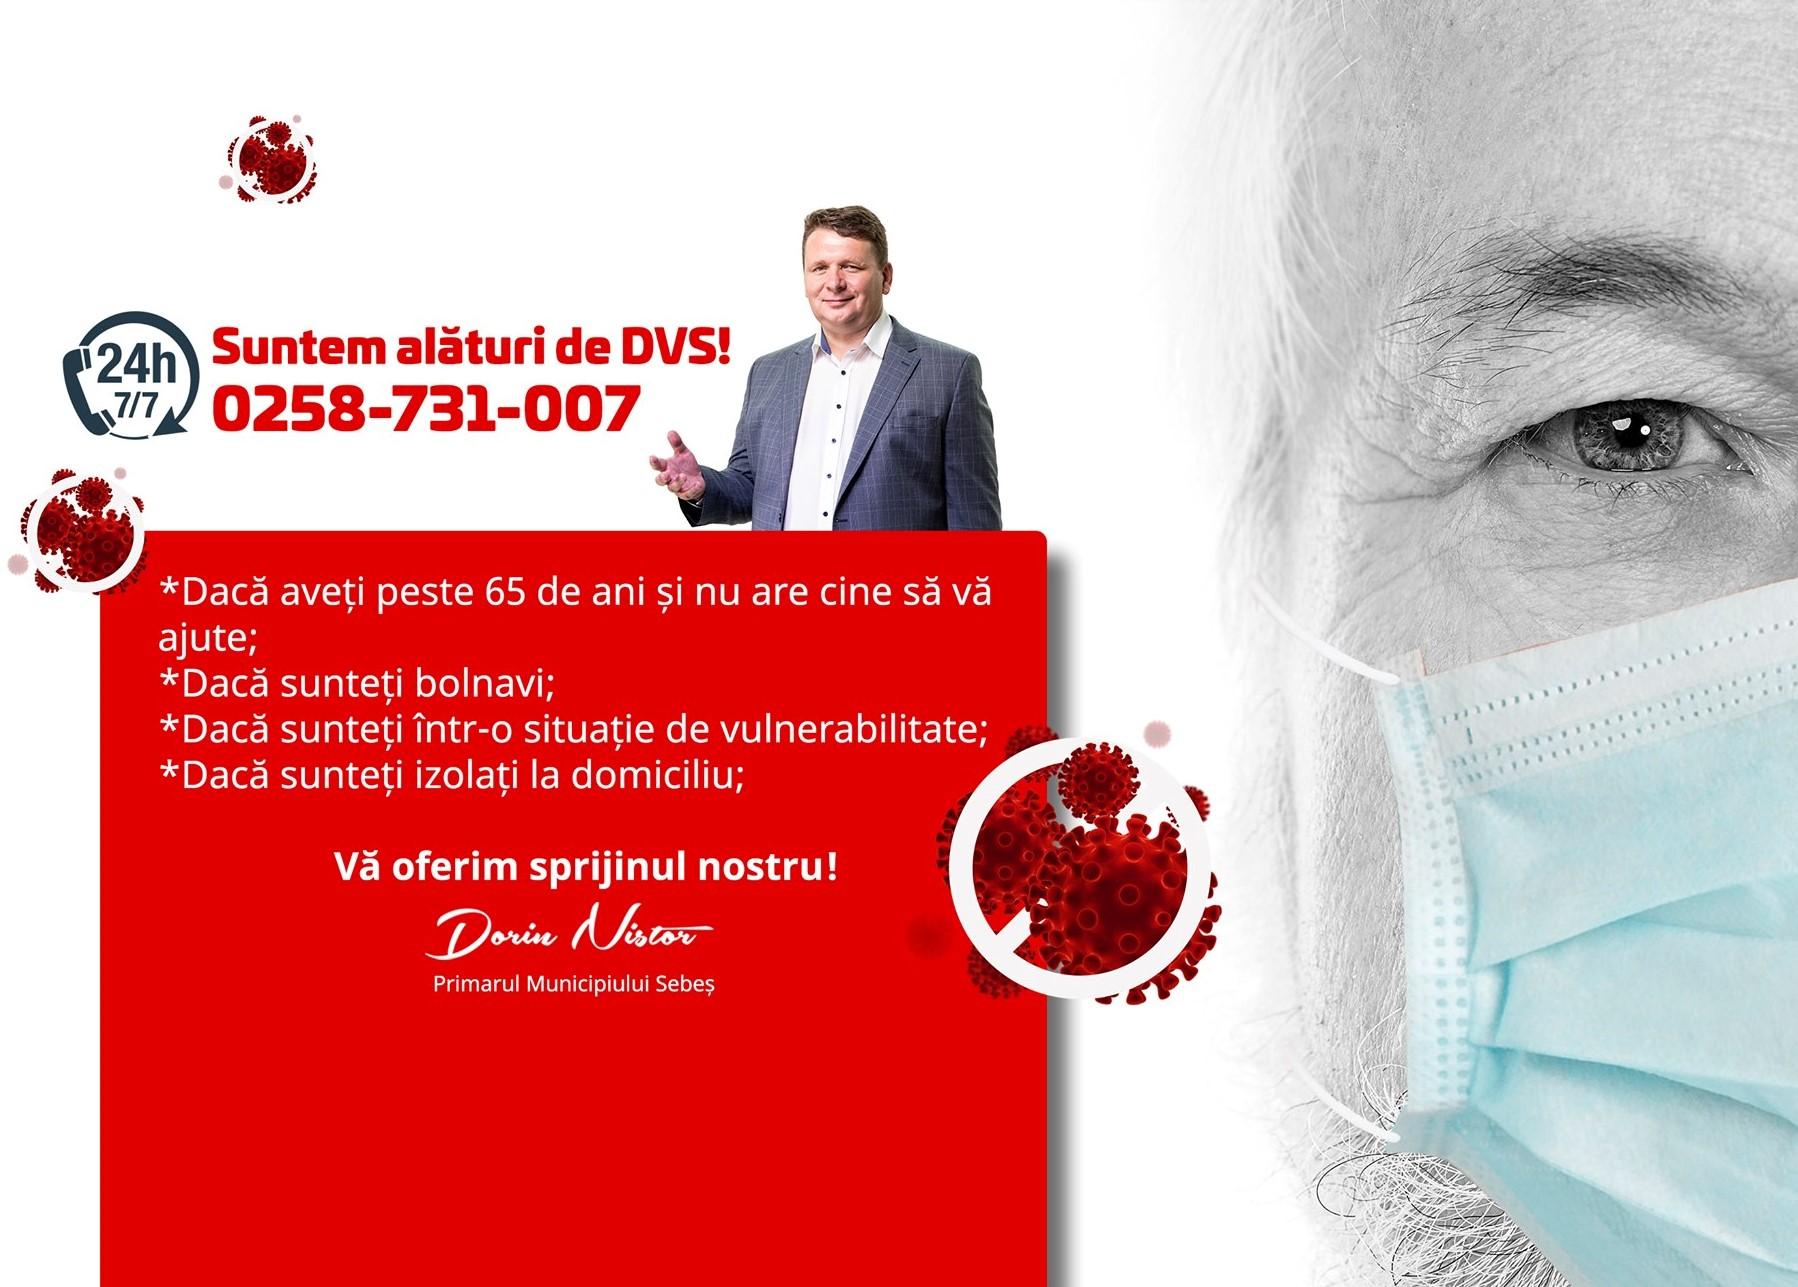 Scurt bilanț al campaniilor de sprijin social inițiate de Primarul Municipiului Sebeș